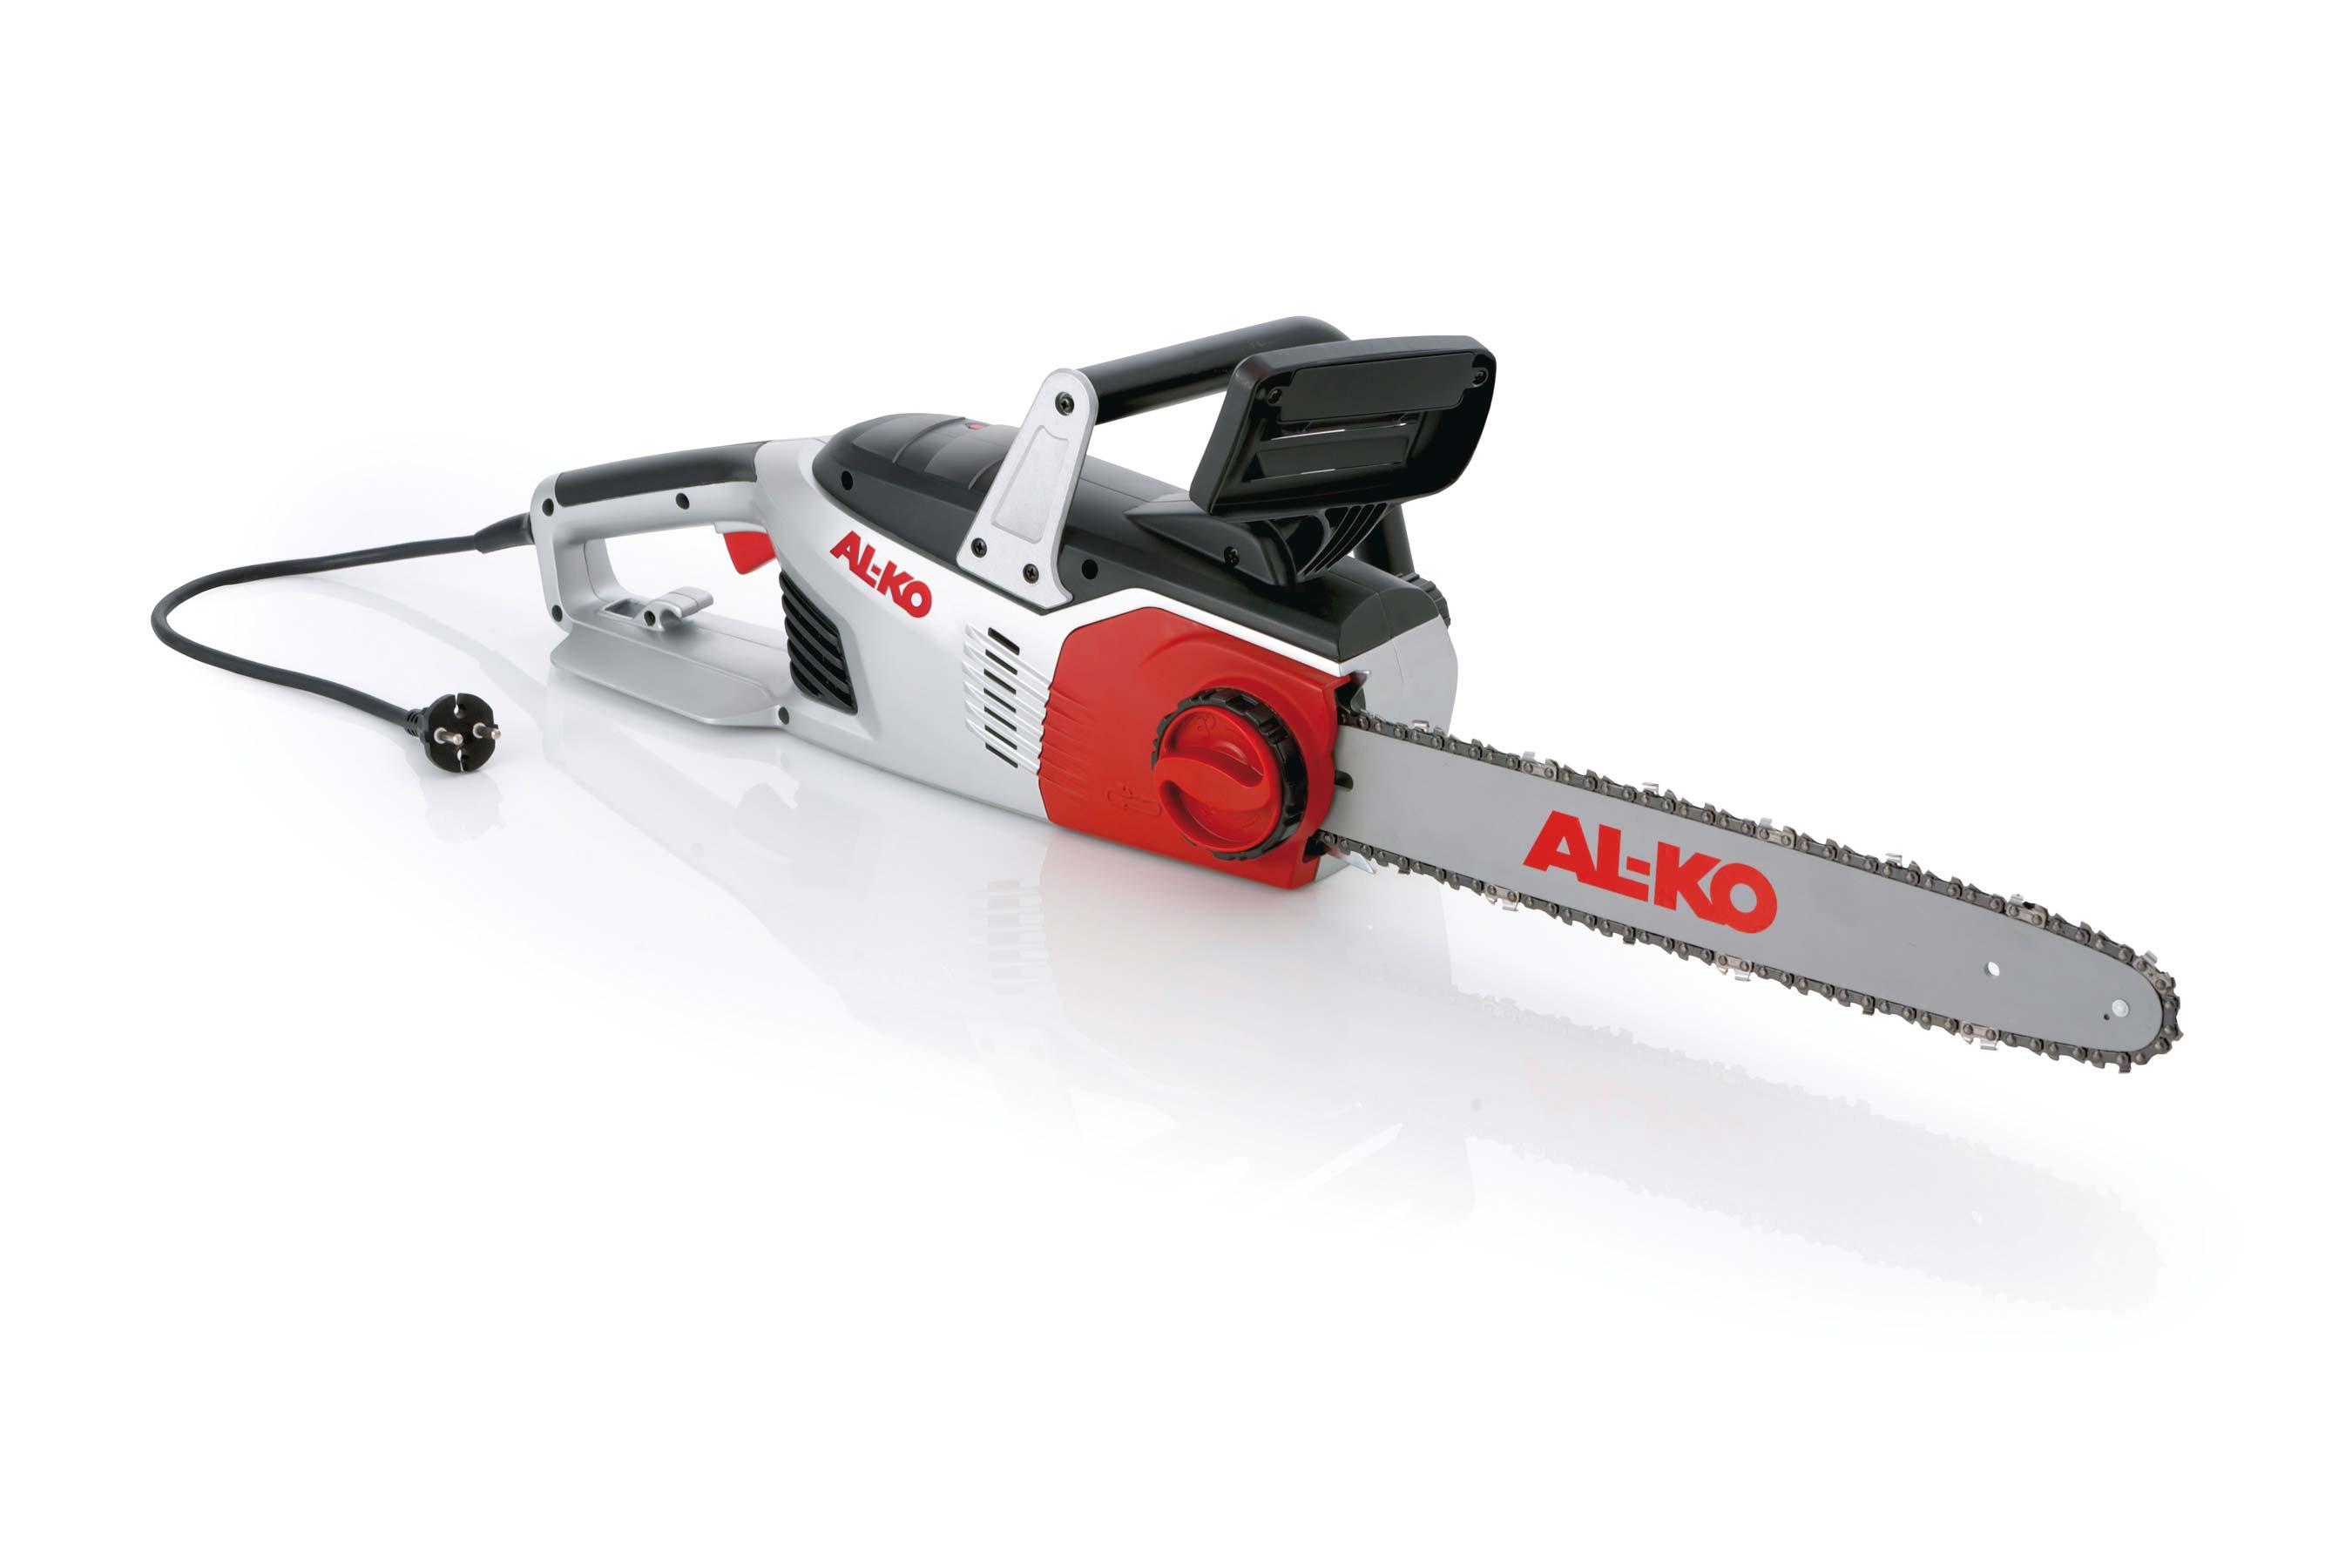 AL-KO Elektro Kettensäge / Motorsäge EKI 2200/40 AB 40cm Bild 1